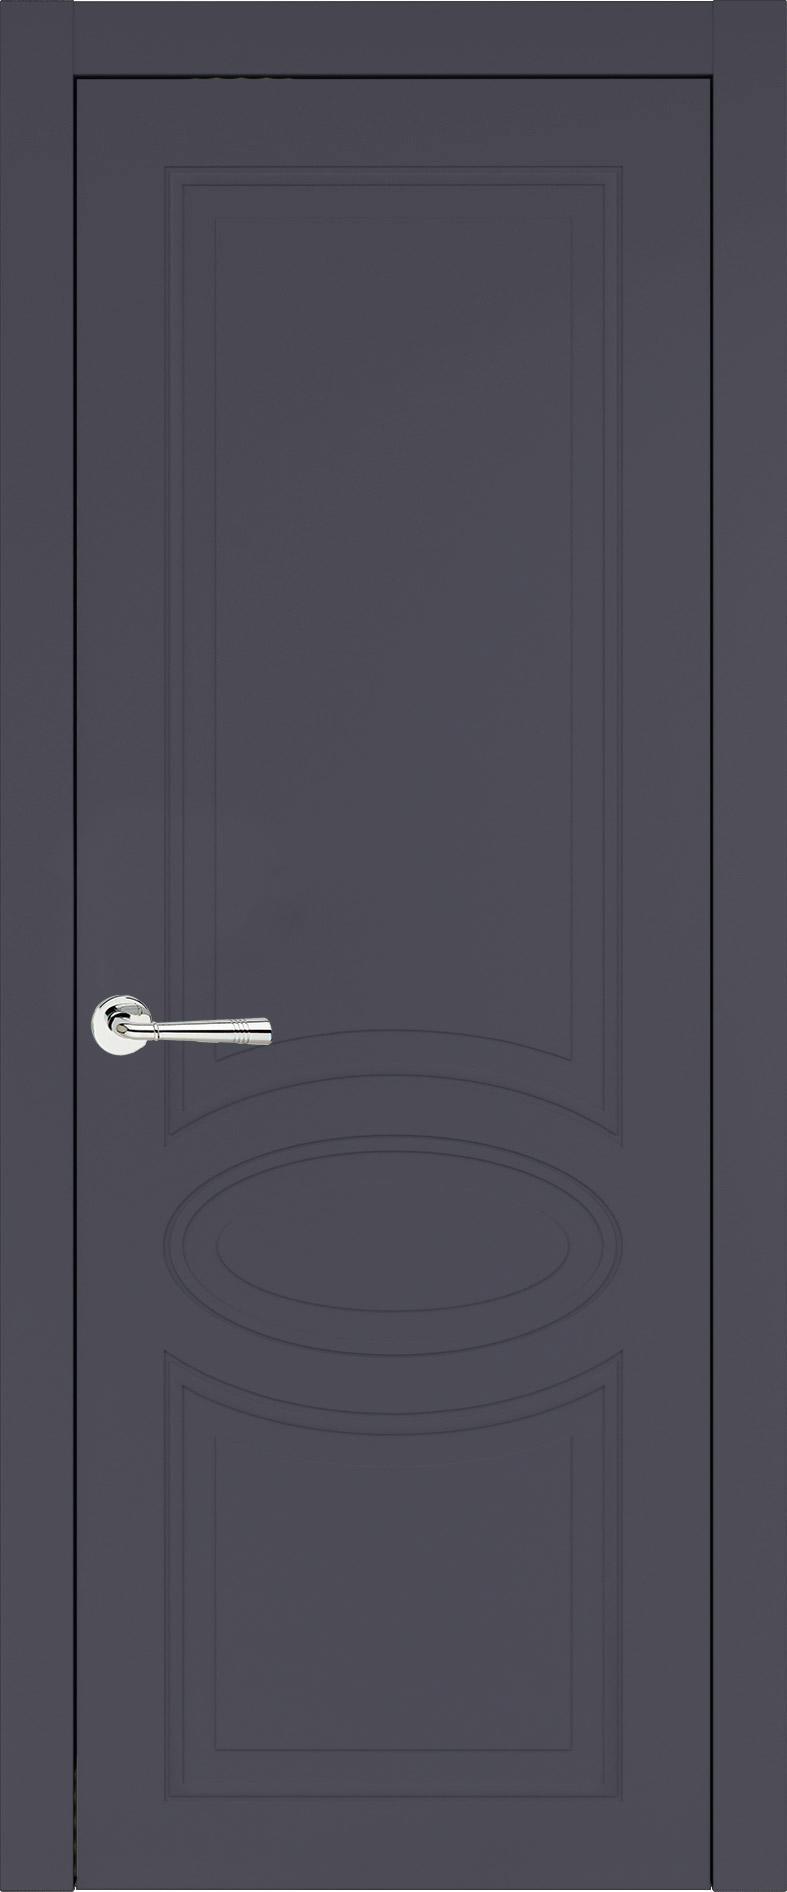 Florencia Neo Classic цвет - Графитово-серая эмаль (RAL 7024) Без стекла (ДГ)